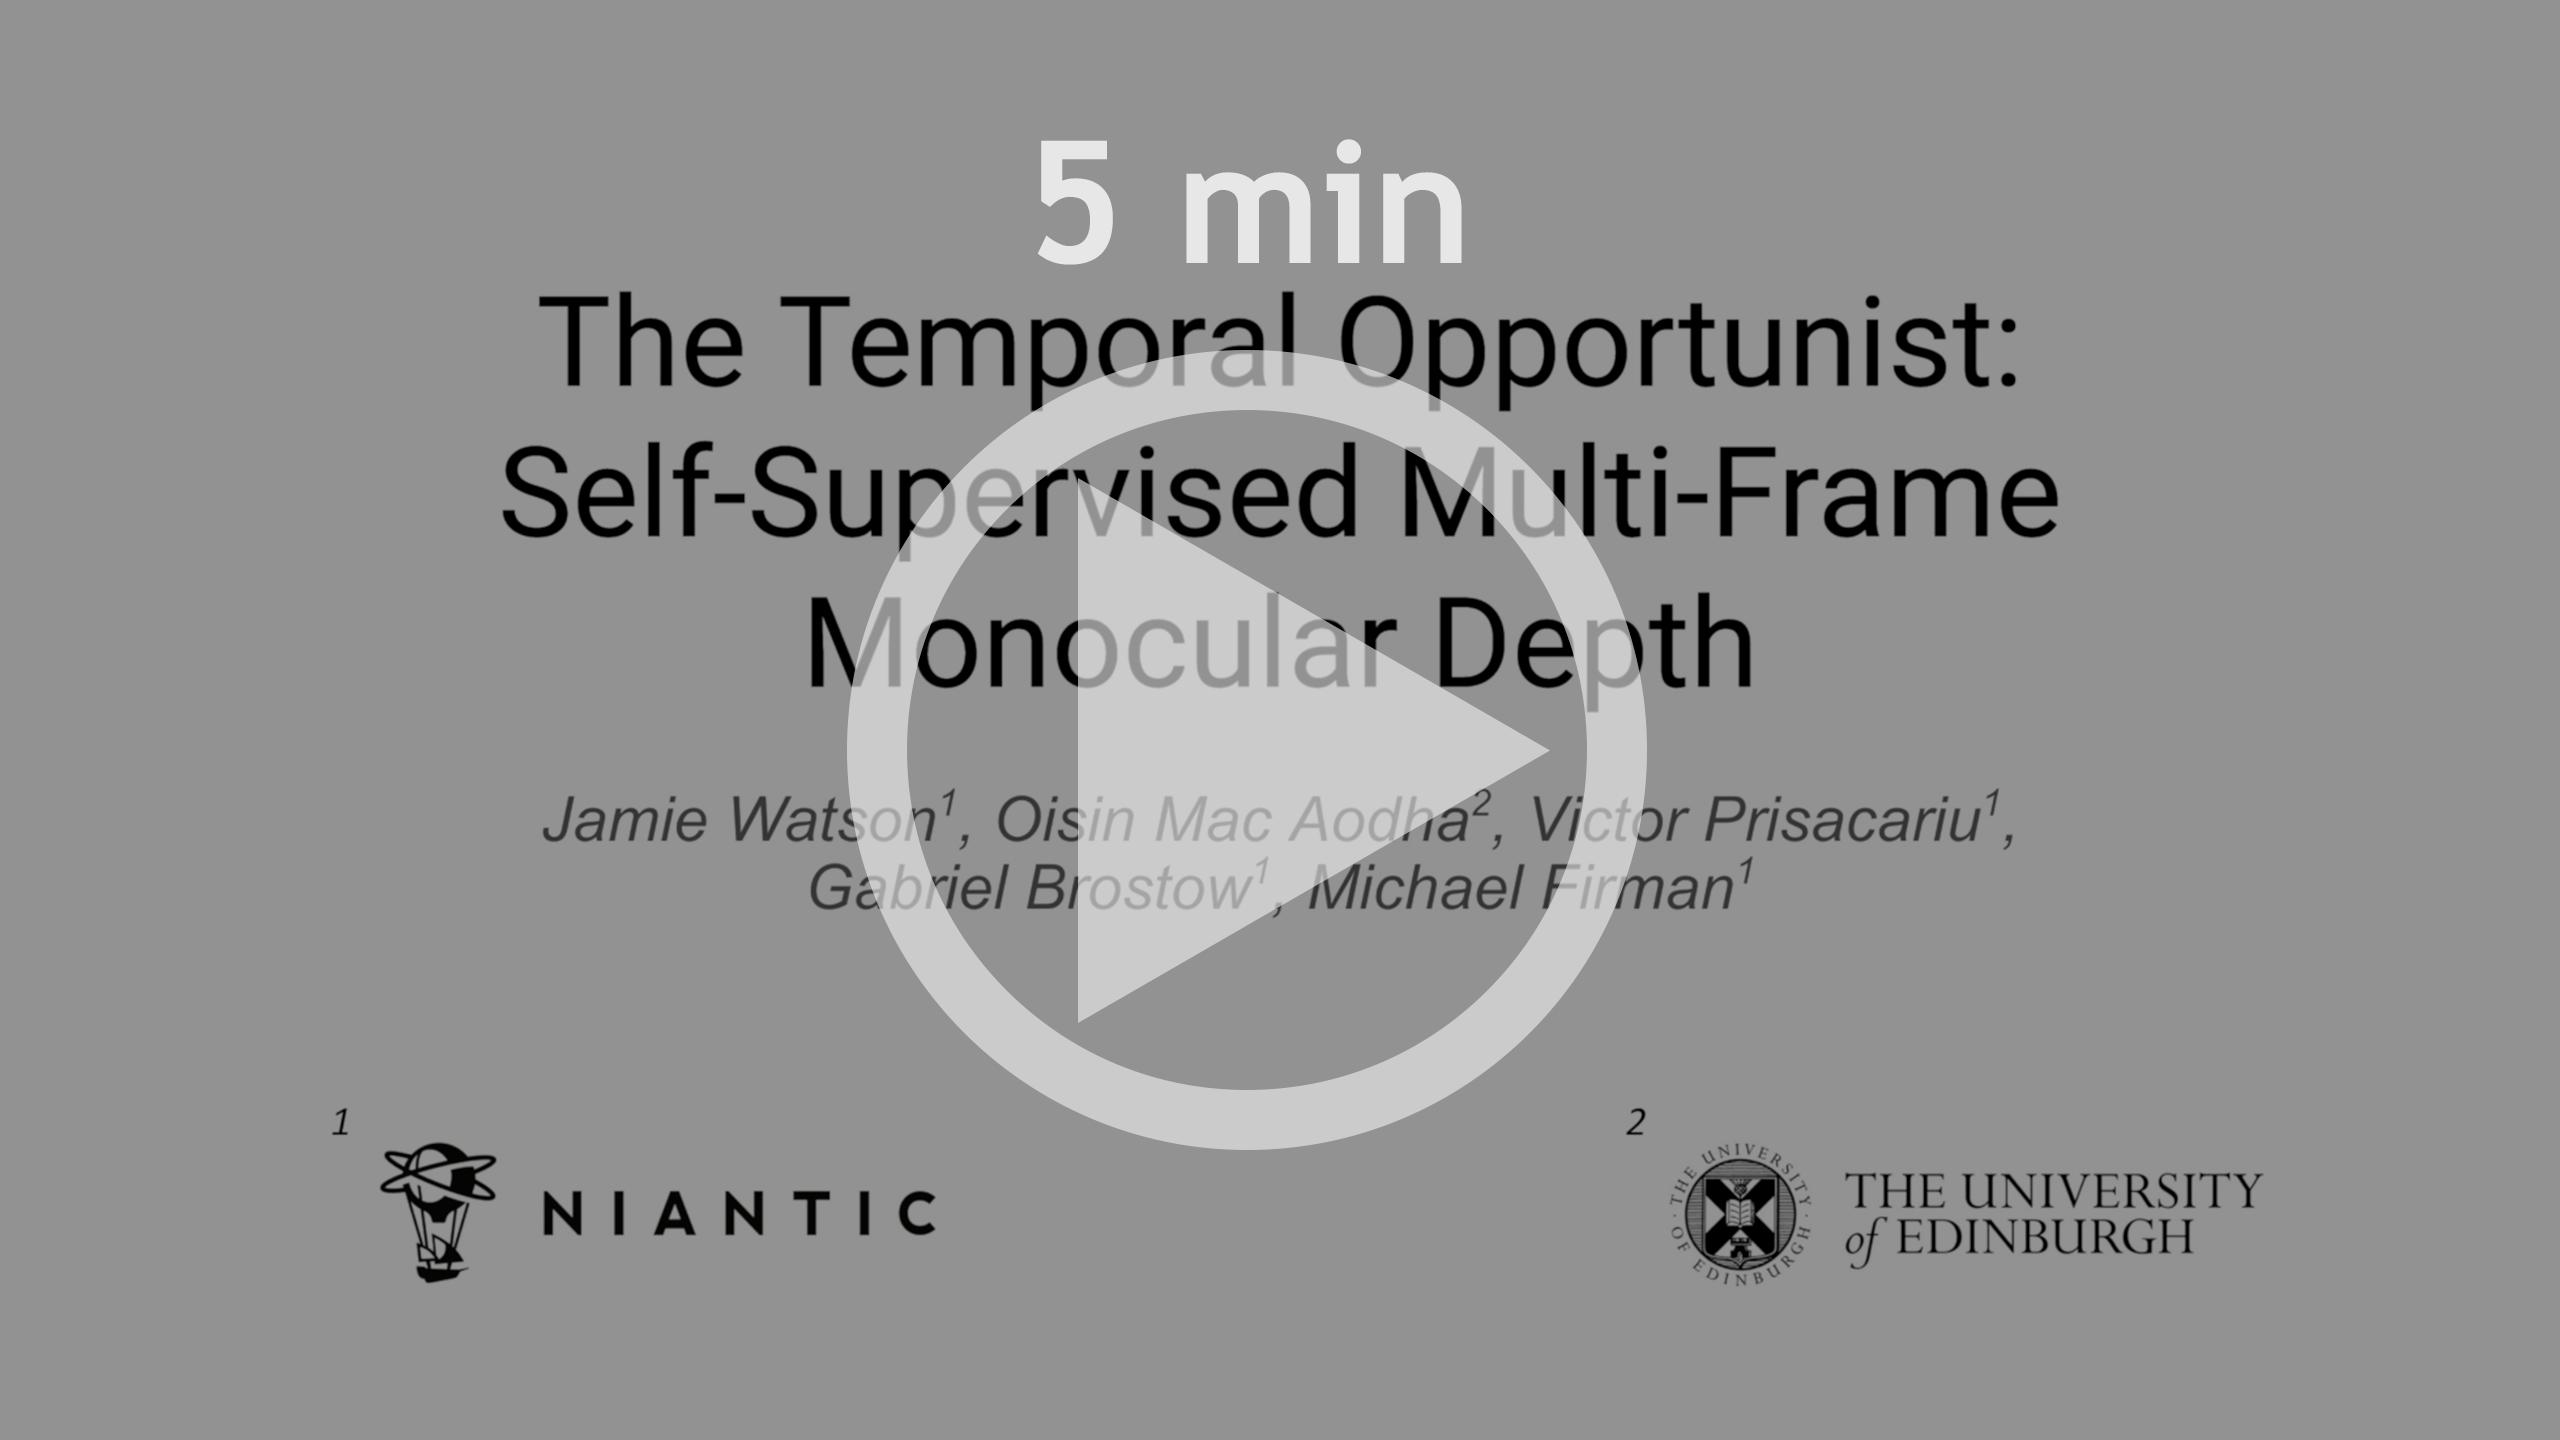 5 minute CVPR presentation video link